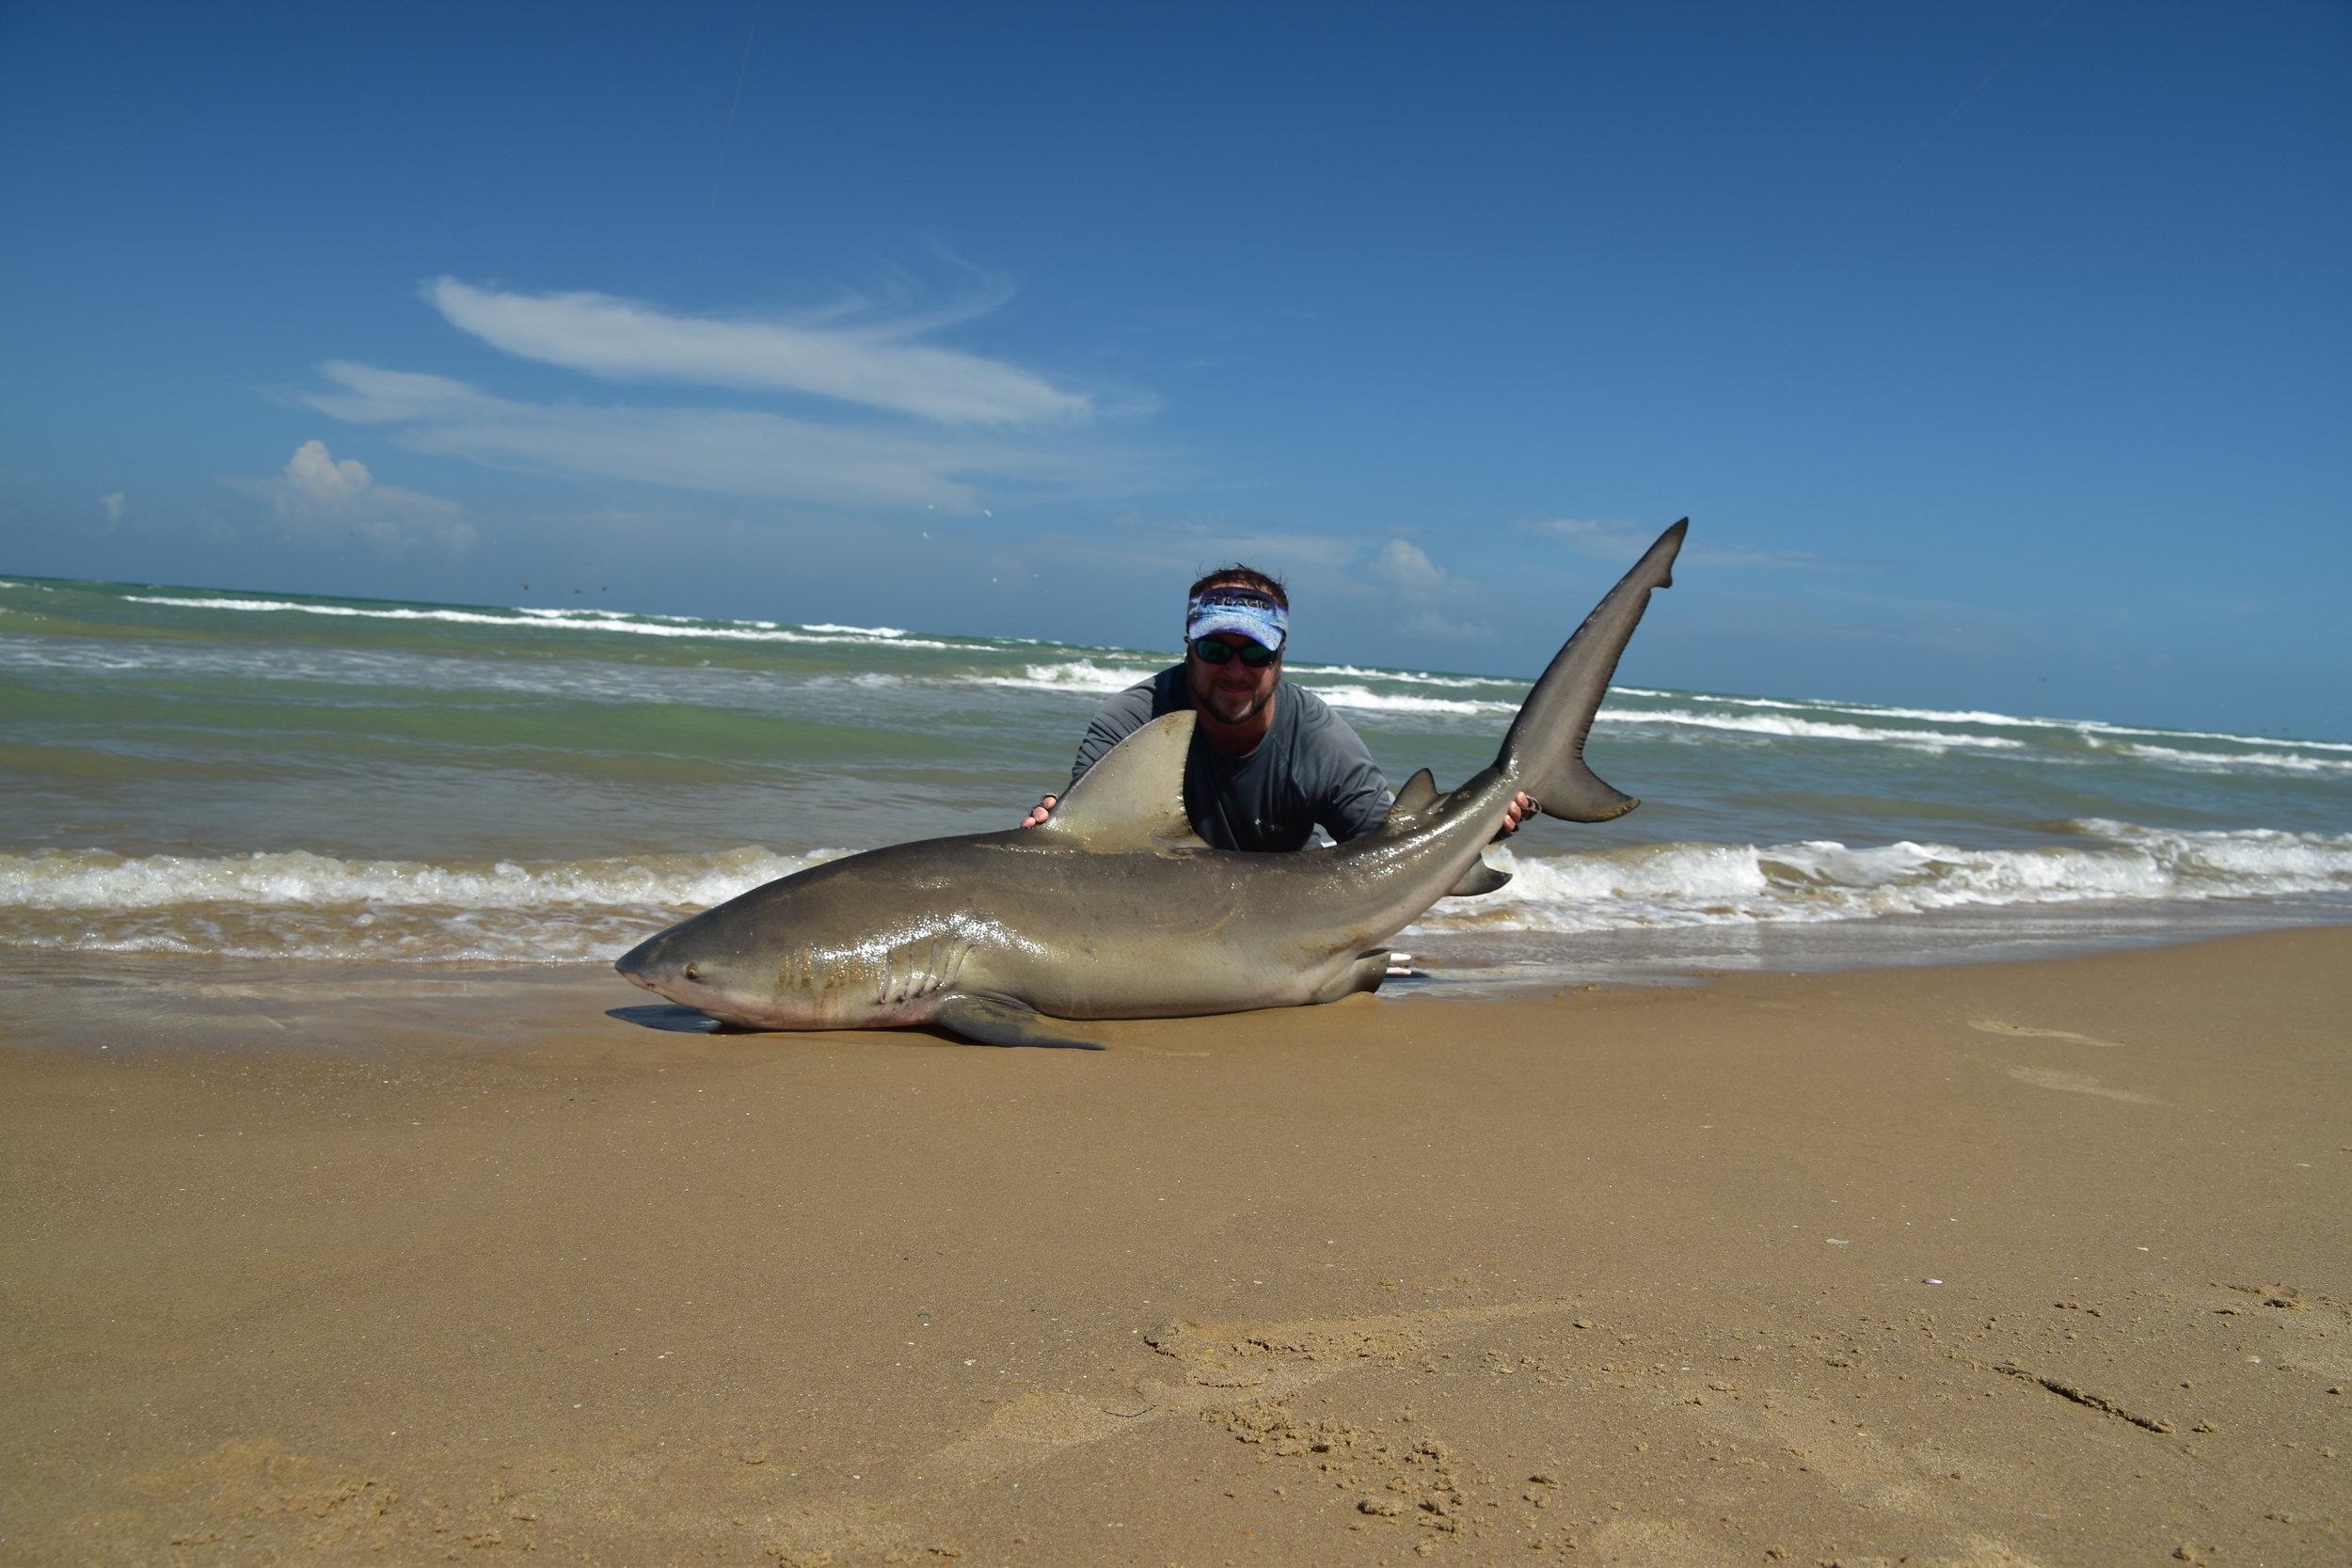 7' Bull Shark, August